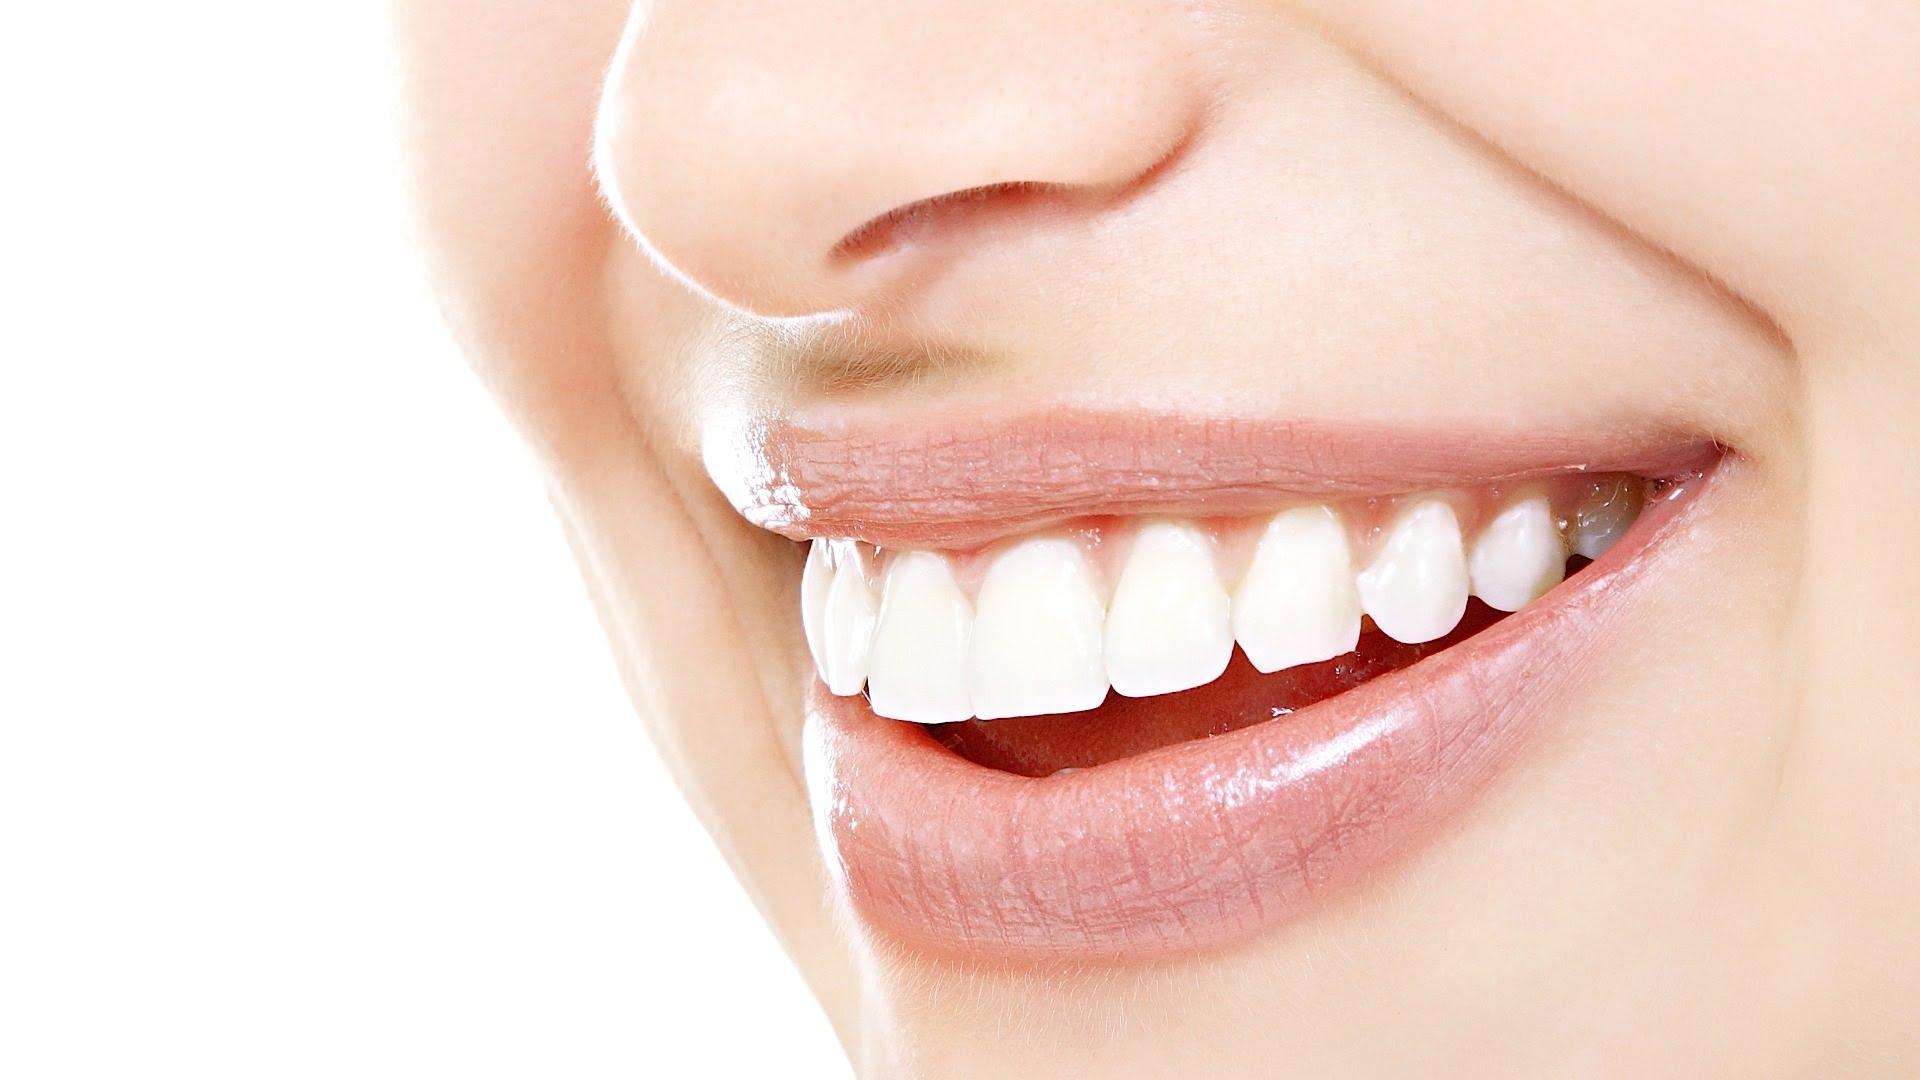 Quante volte al giorno gli esperti raccomandano di lavarsi i denti